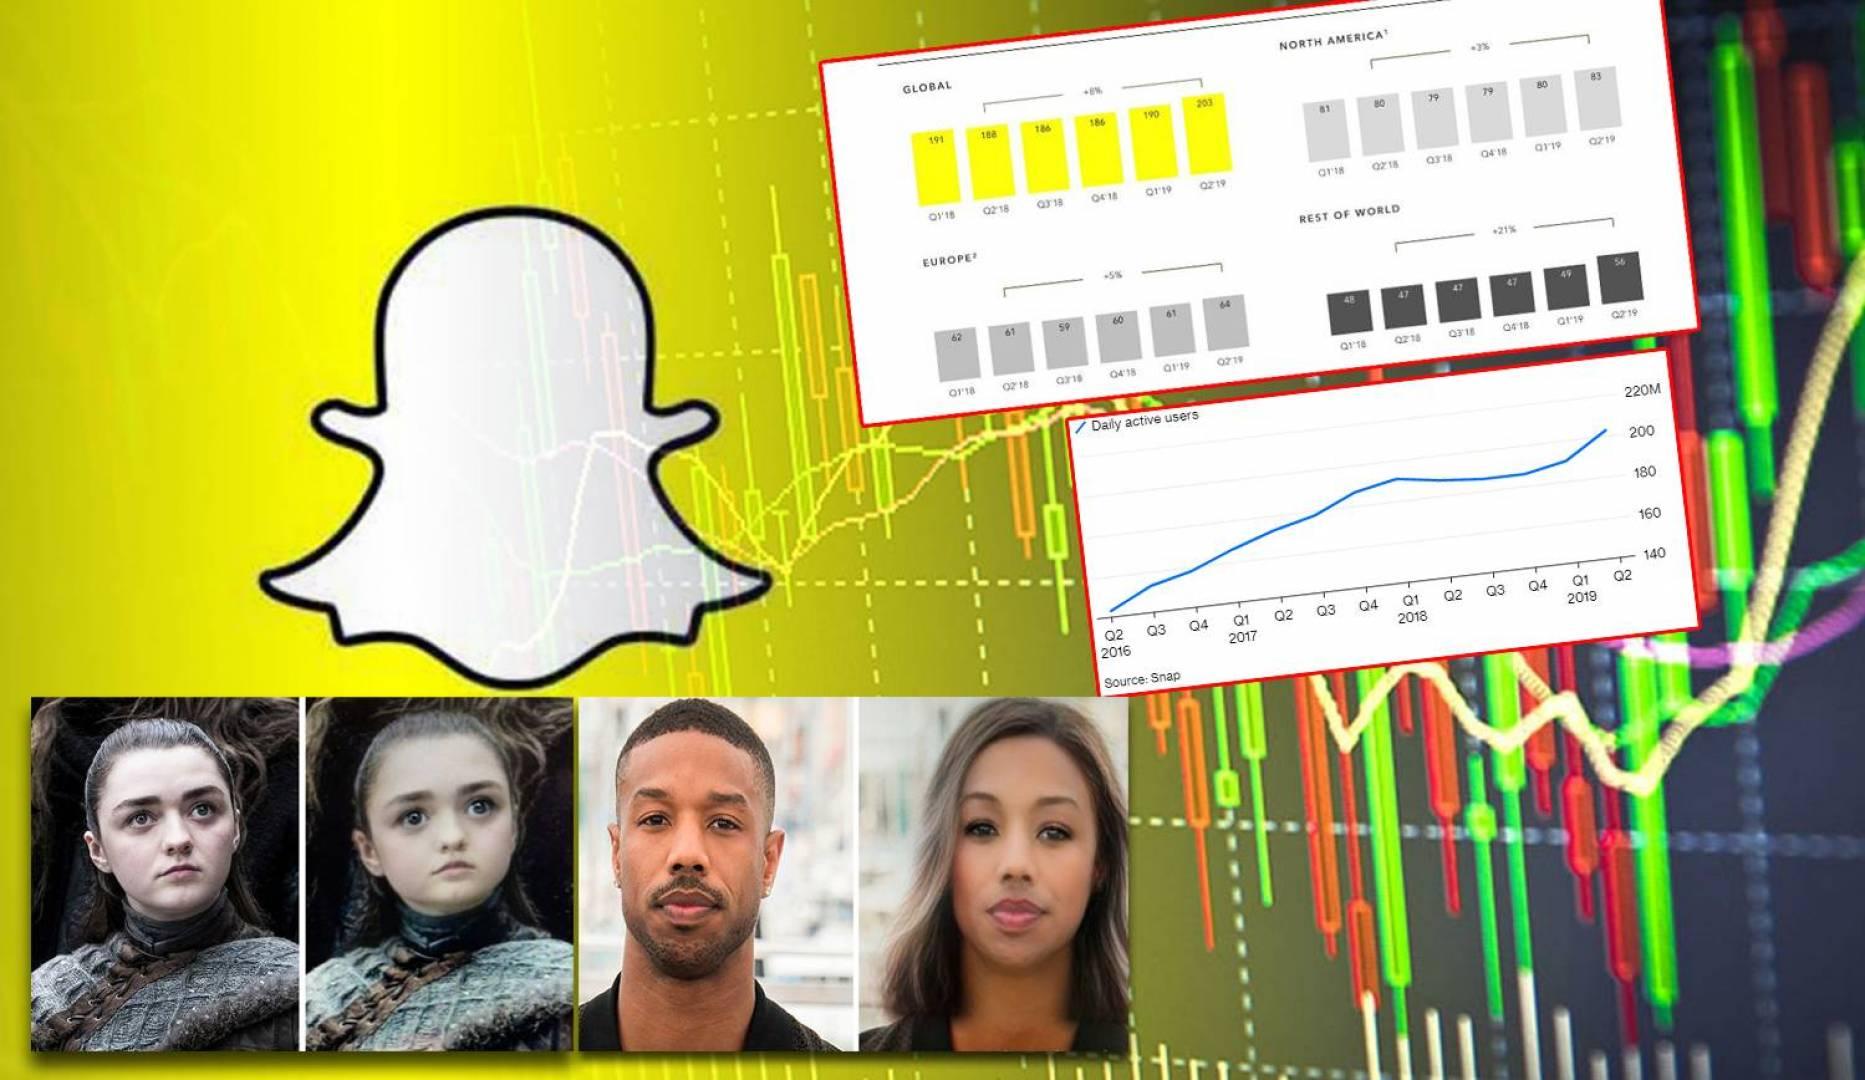 بحركة ذكية.. شركة Snapchat تعود إلى مجدها وتحقق إيرادات ضخمة